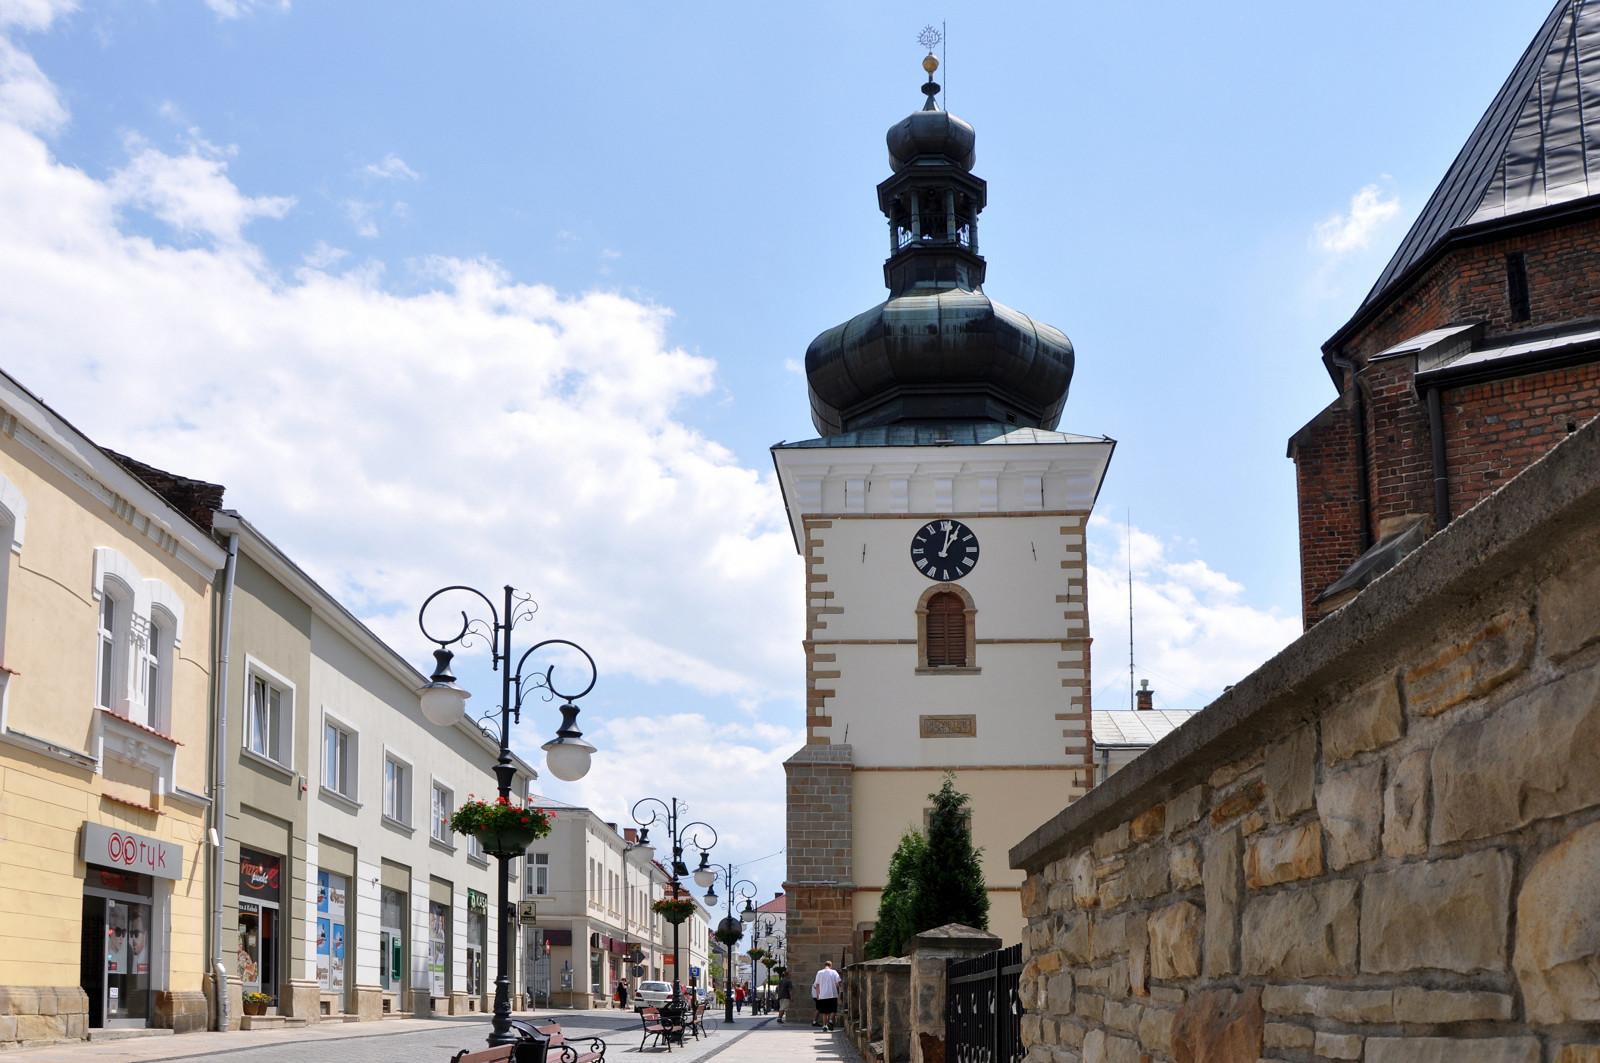 Widok współczesny na wieżę farną fot. S. Muszański (1).JPG [4.34 MB]